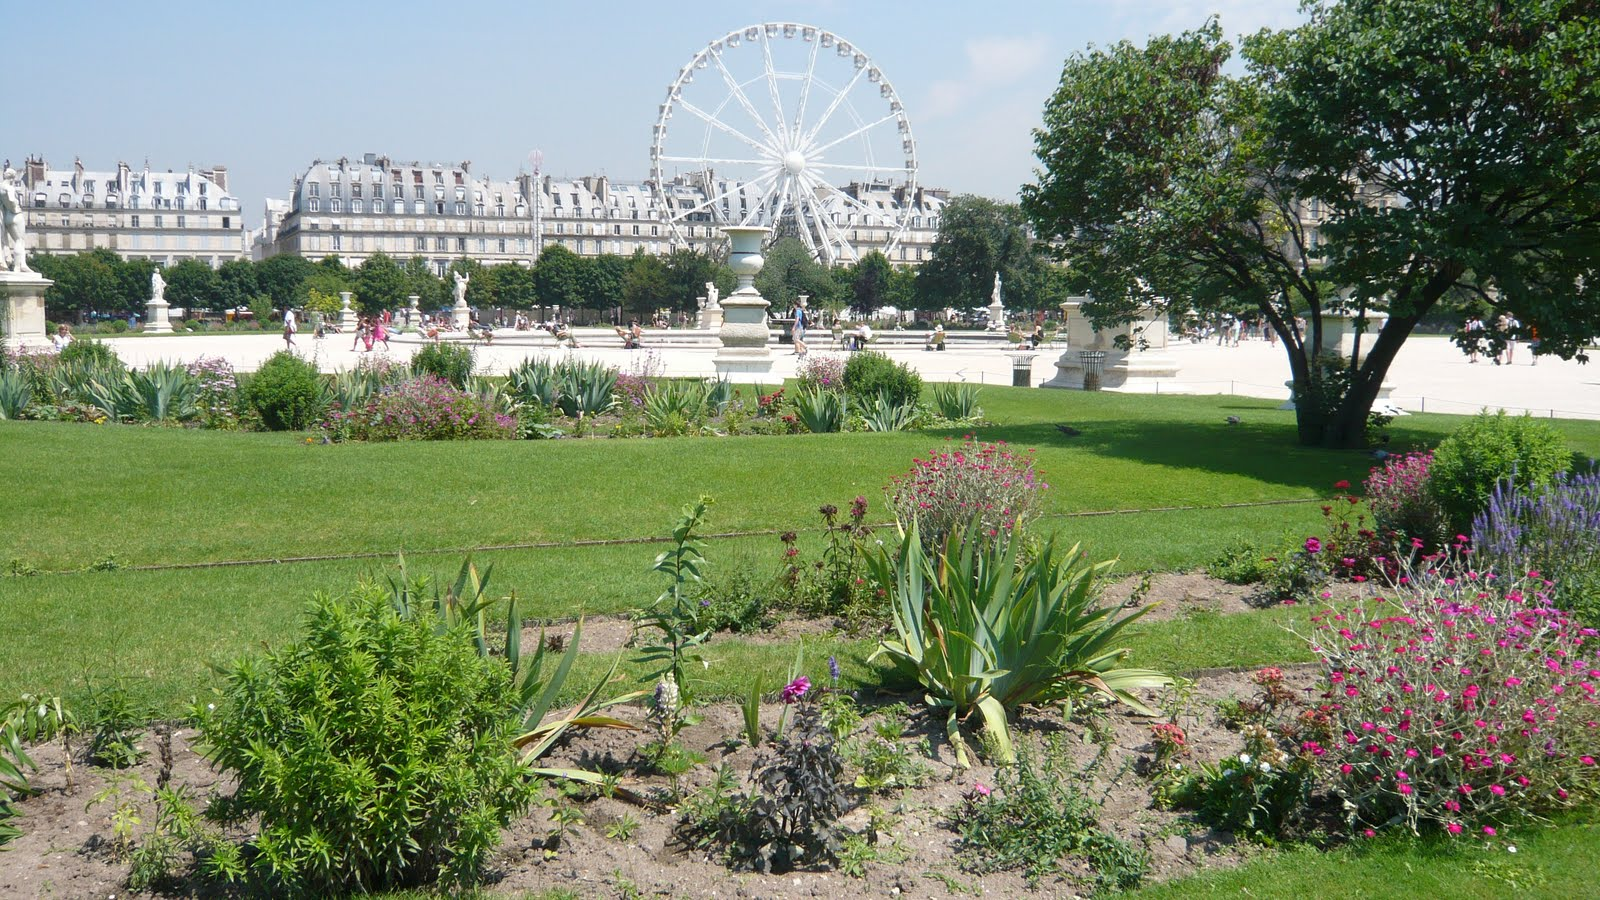 Ma poussette paris fl nerie royale au jardin des tuileries for Au jardin des tuileries